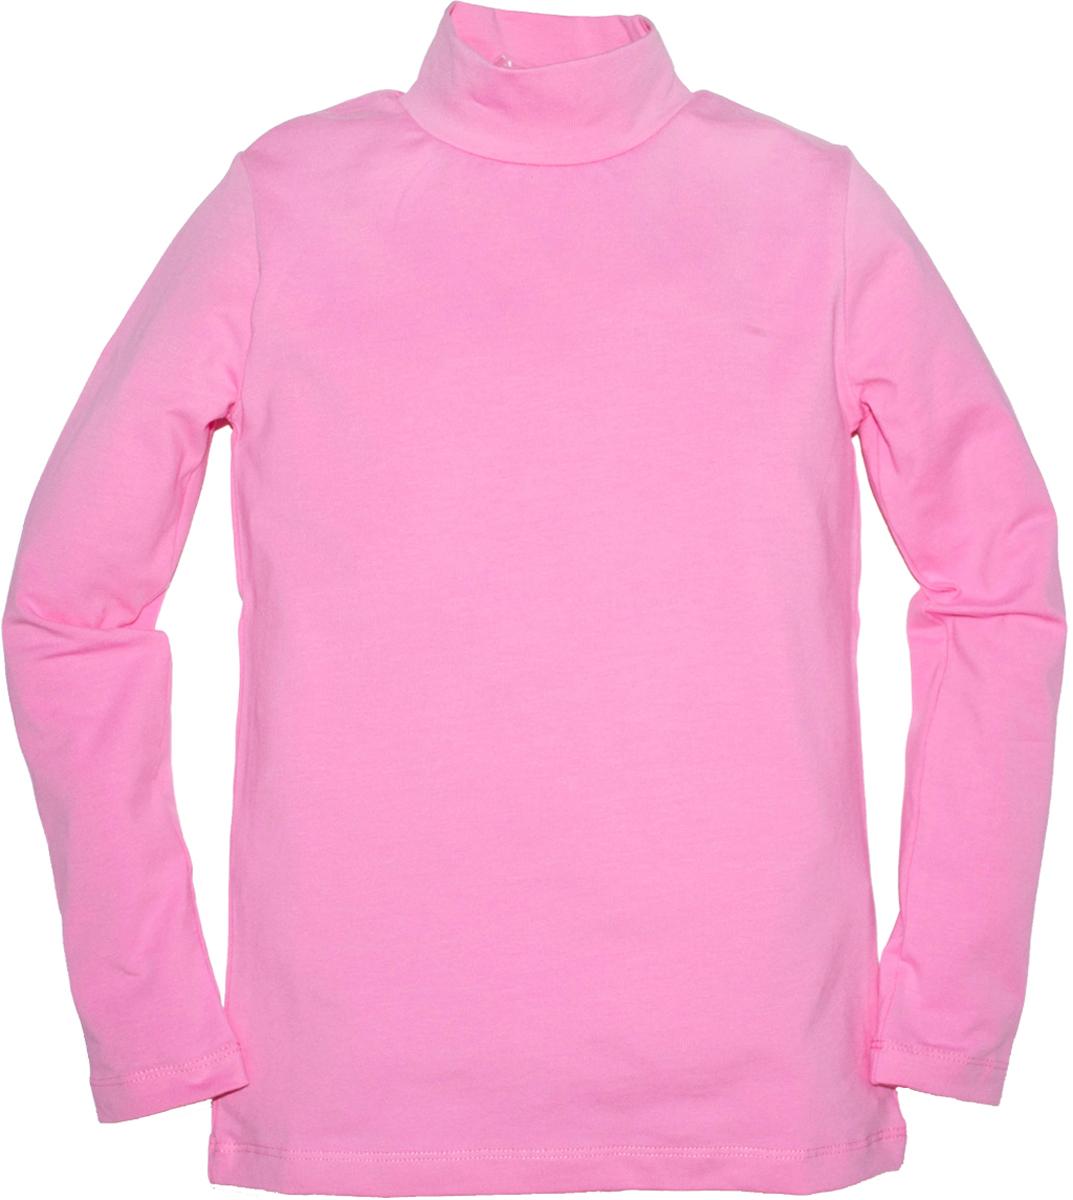 Водолазка для девочек Lets Go, цвет: розовый.614. Размер 140614